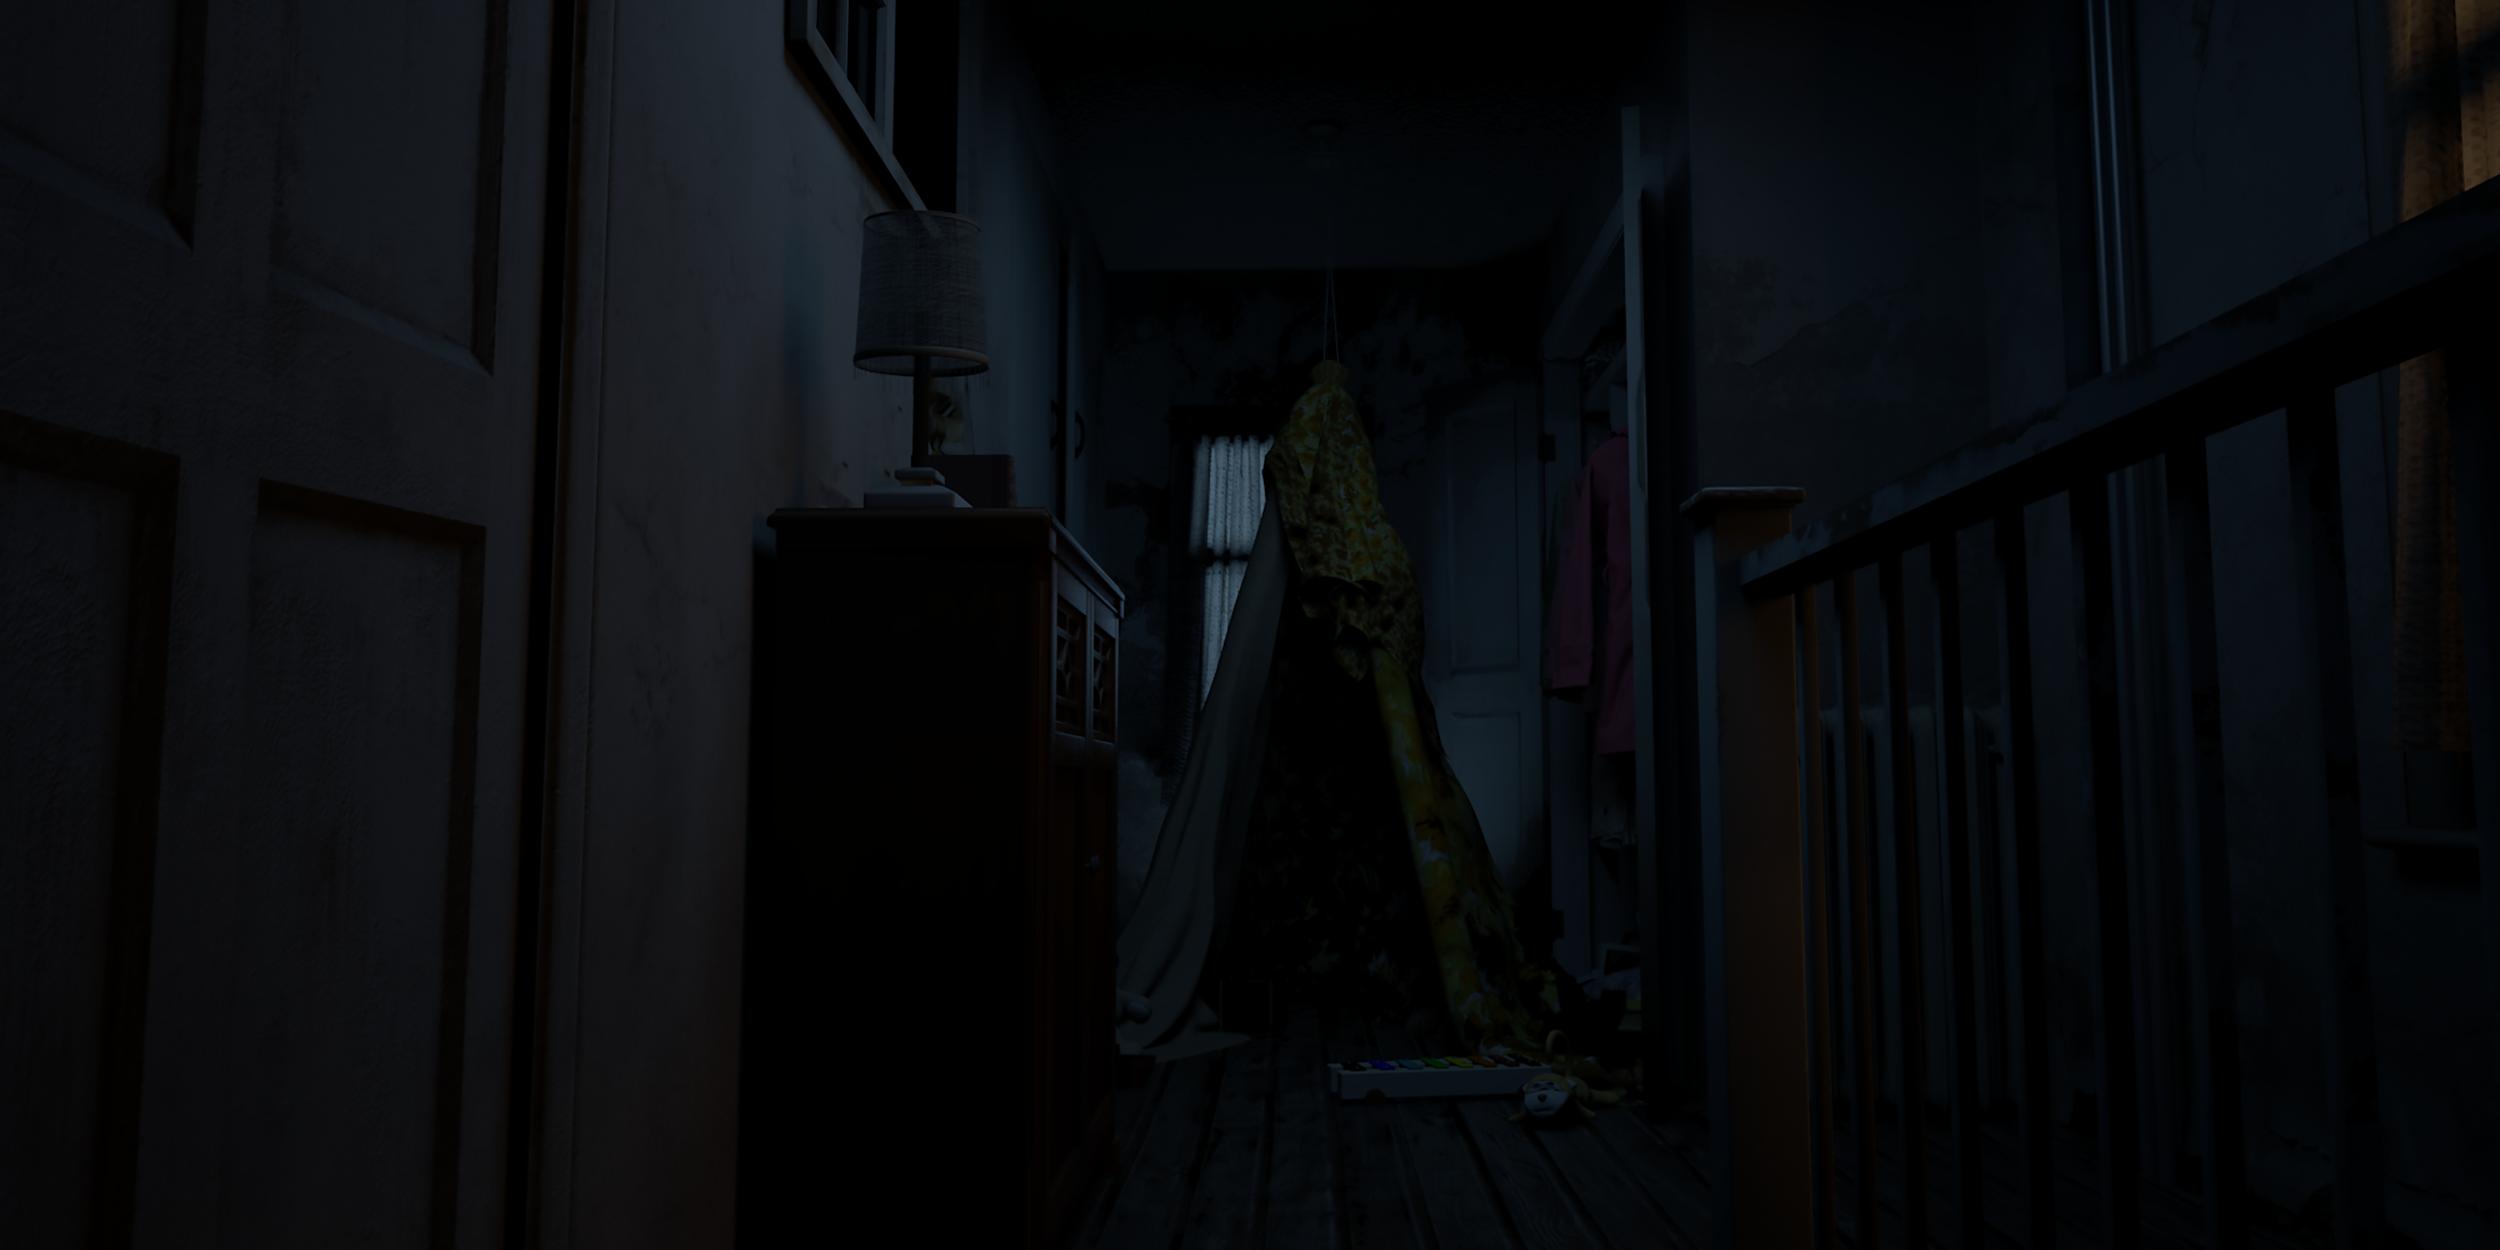 Hallway_promoRender_v02.png